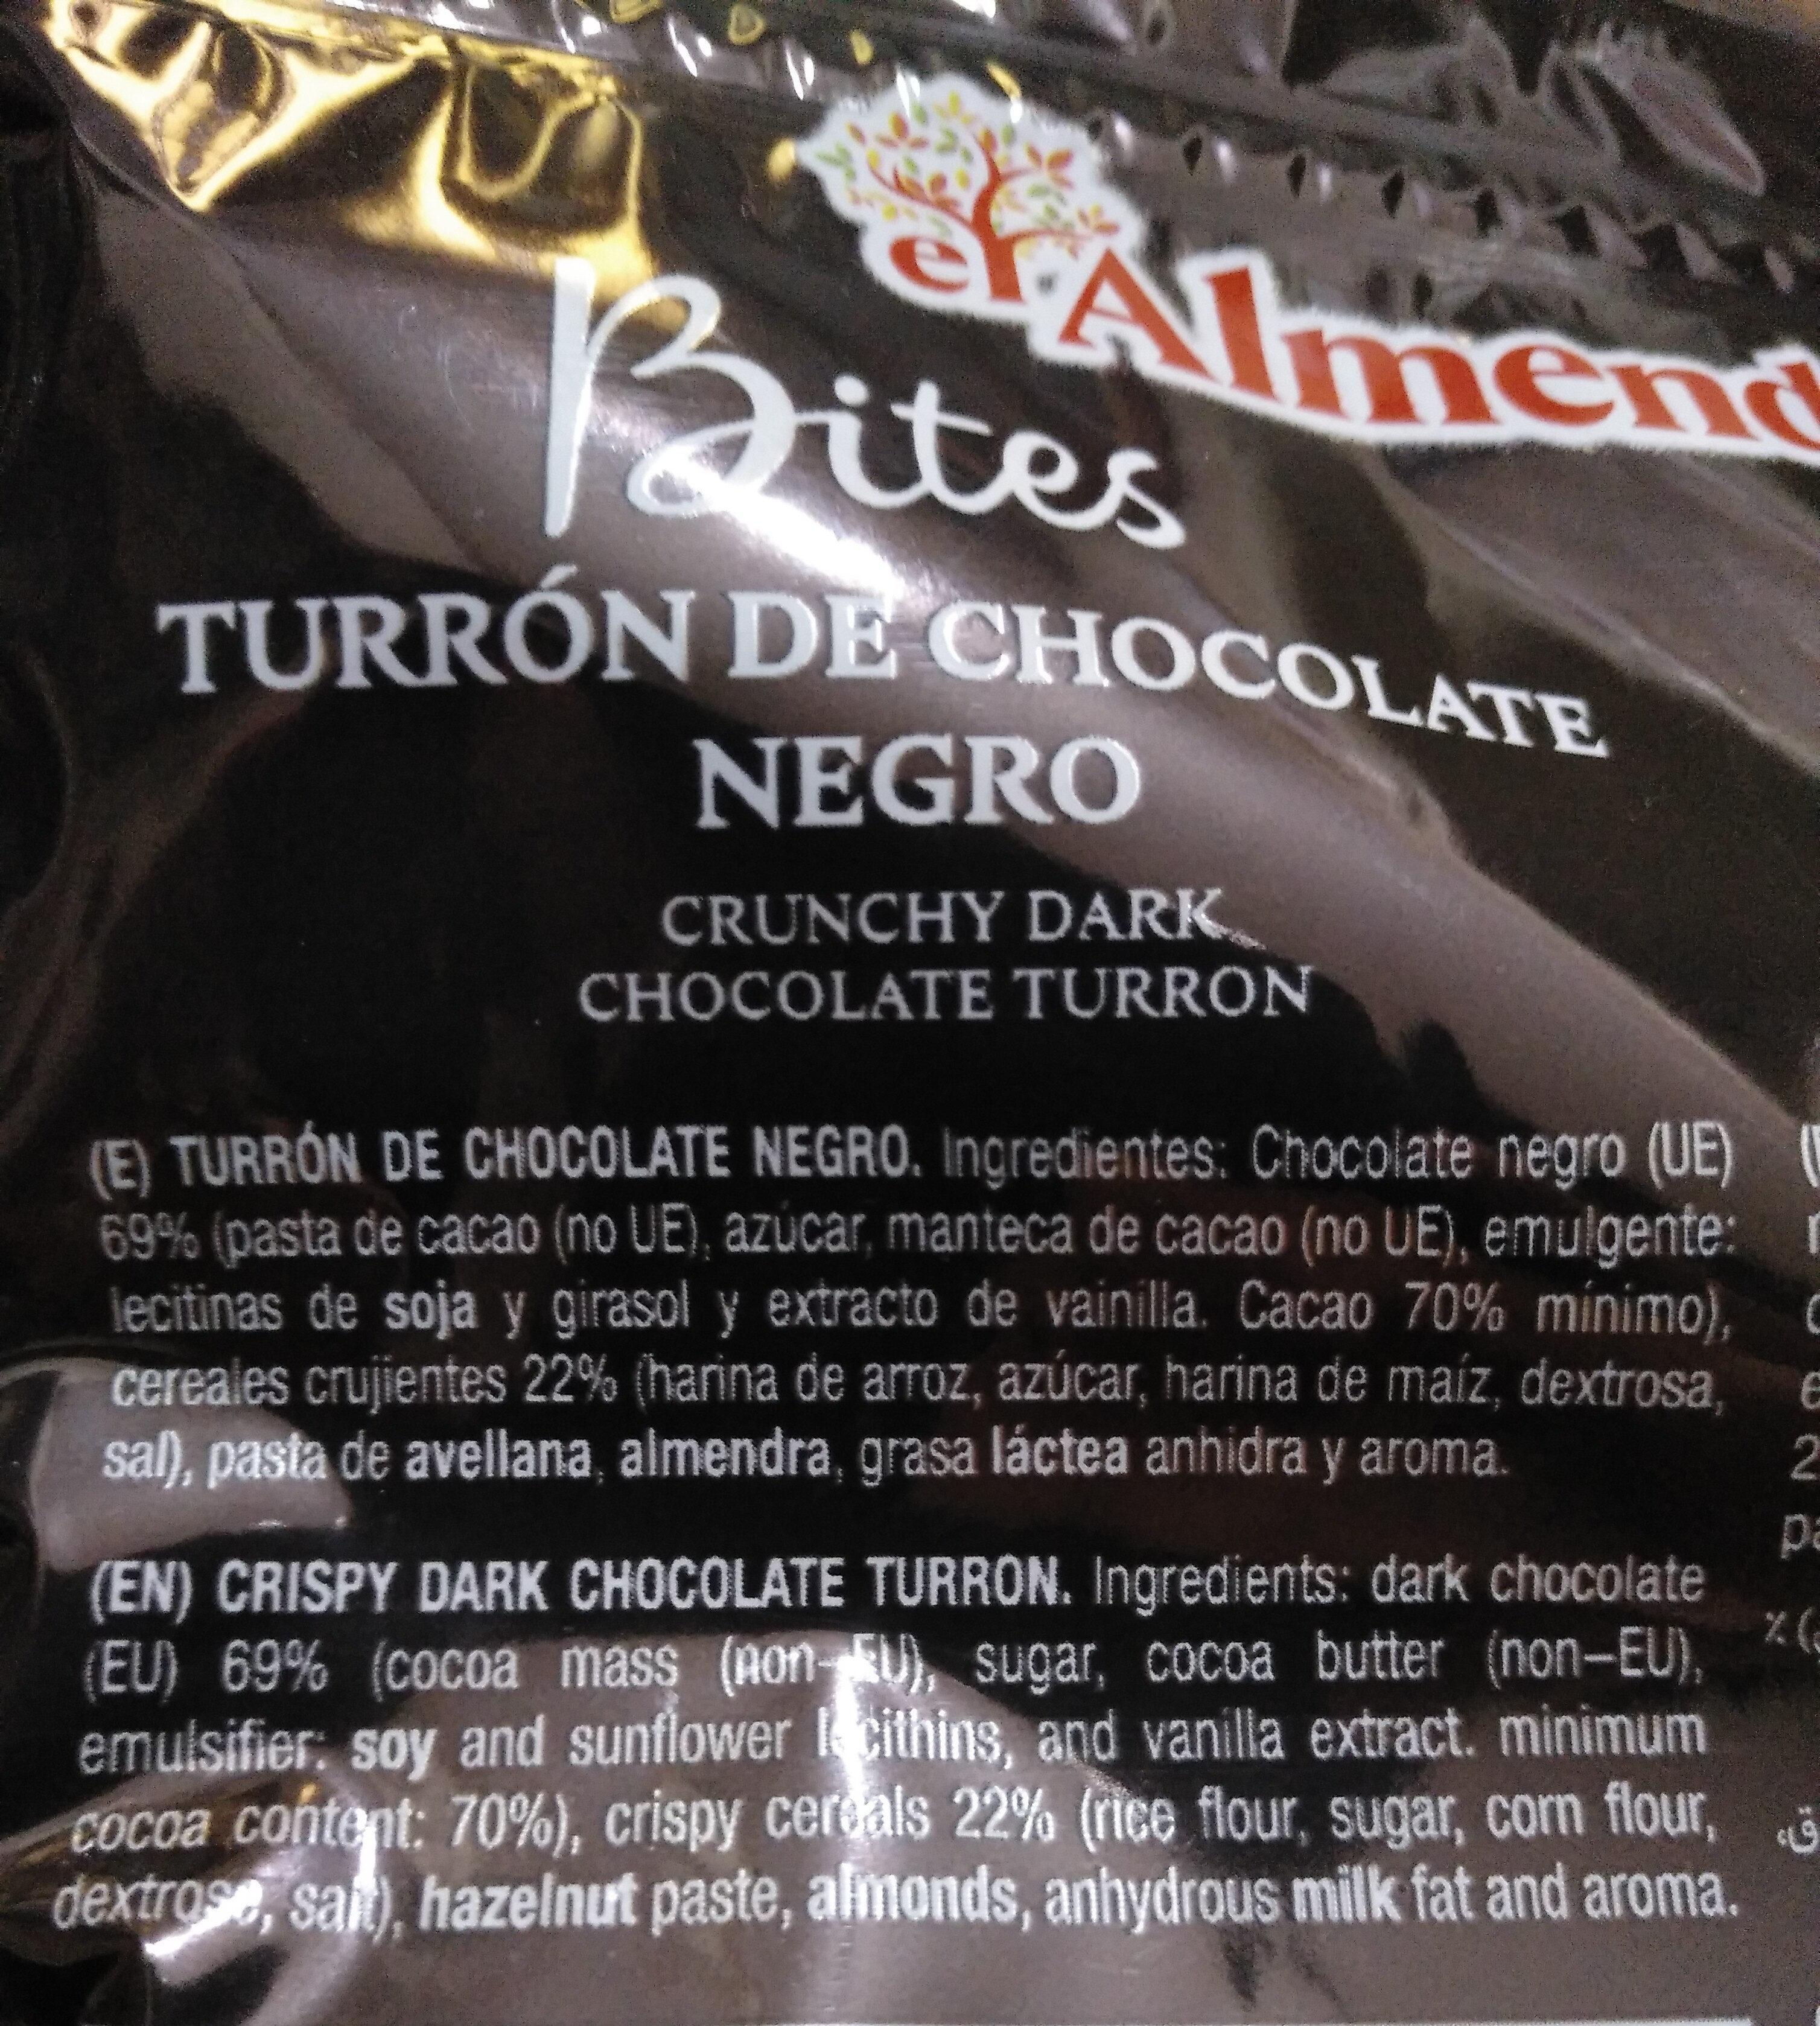 Turrón de chocolate negro - Inhaltsstoffe - es